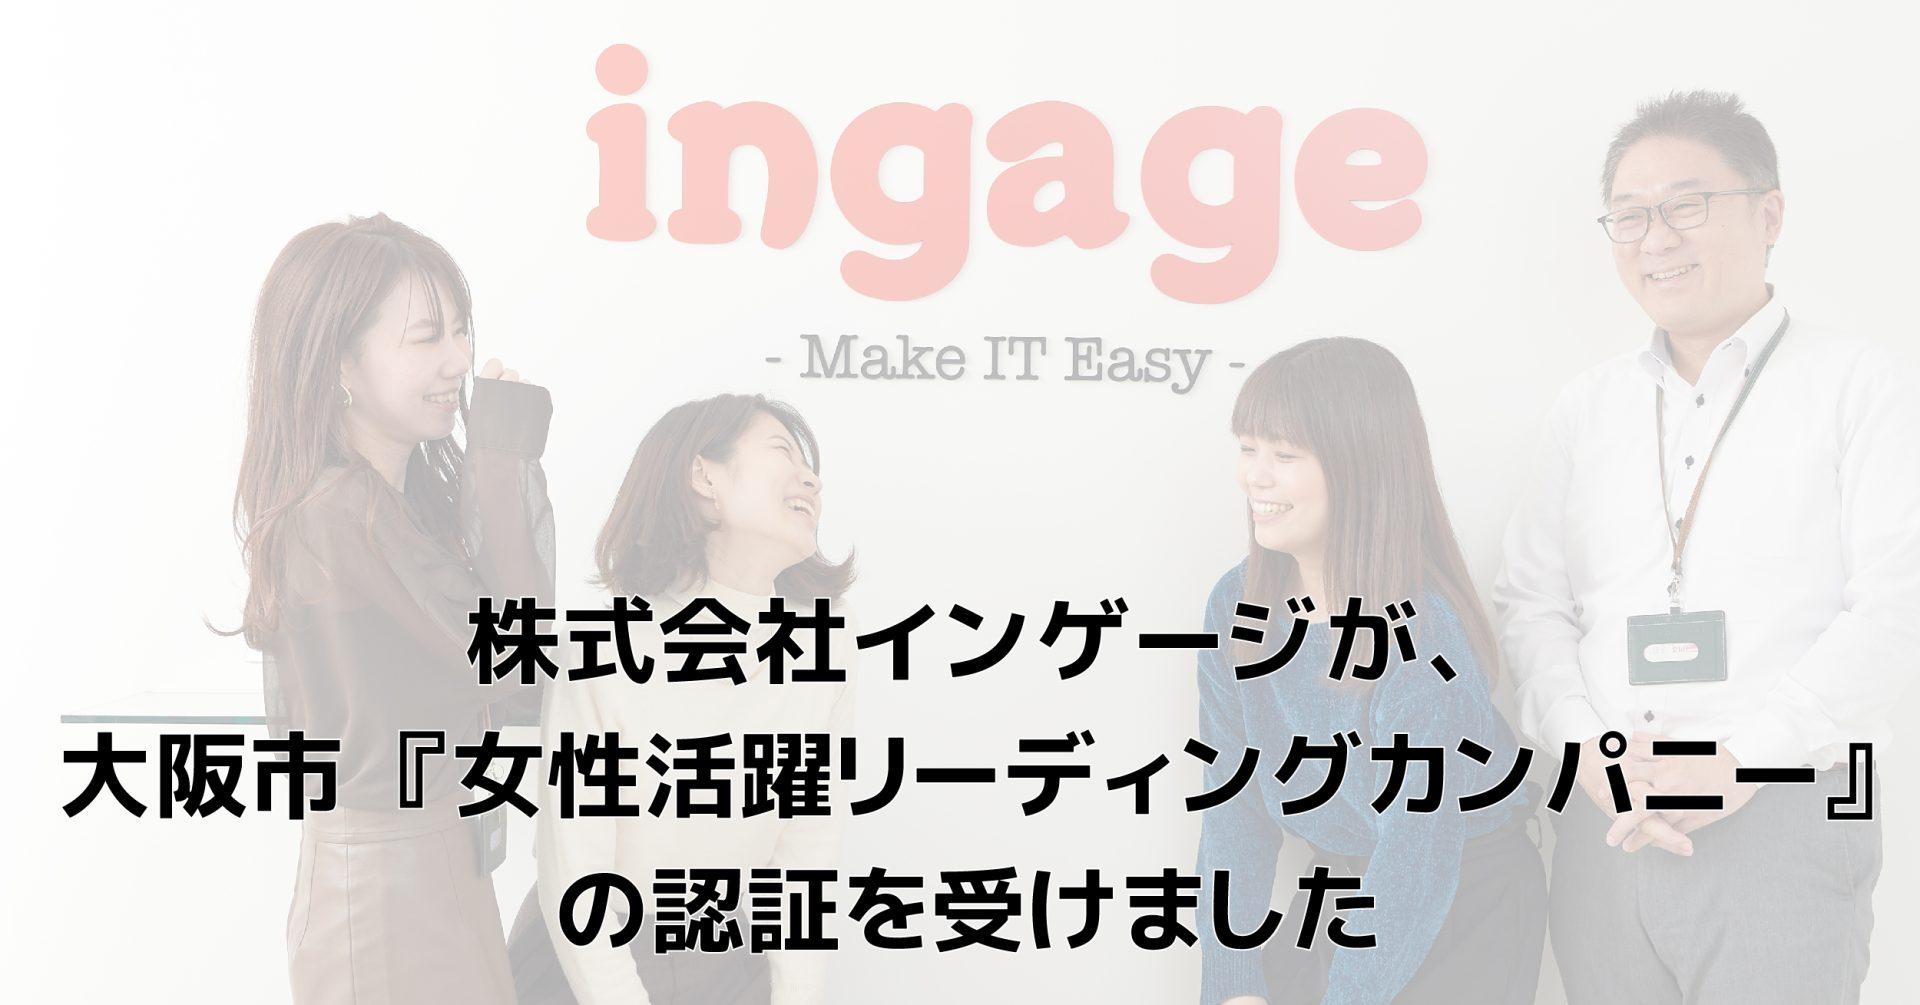 メール共有システム『Re:lation』を提供する株式会社インゲージが、大阪市の定める「女性活躍リーディングカンパニー」の認証を受けました